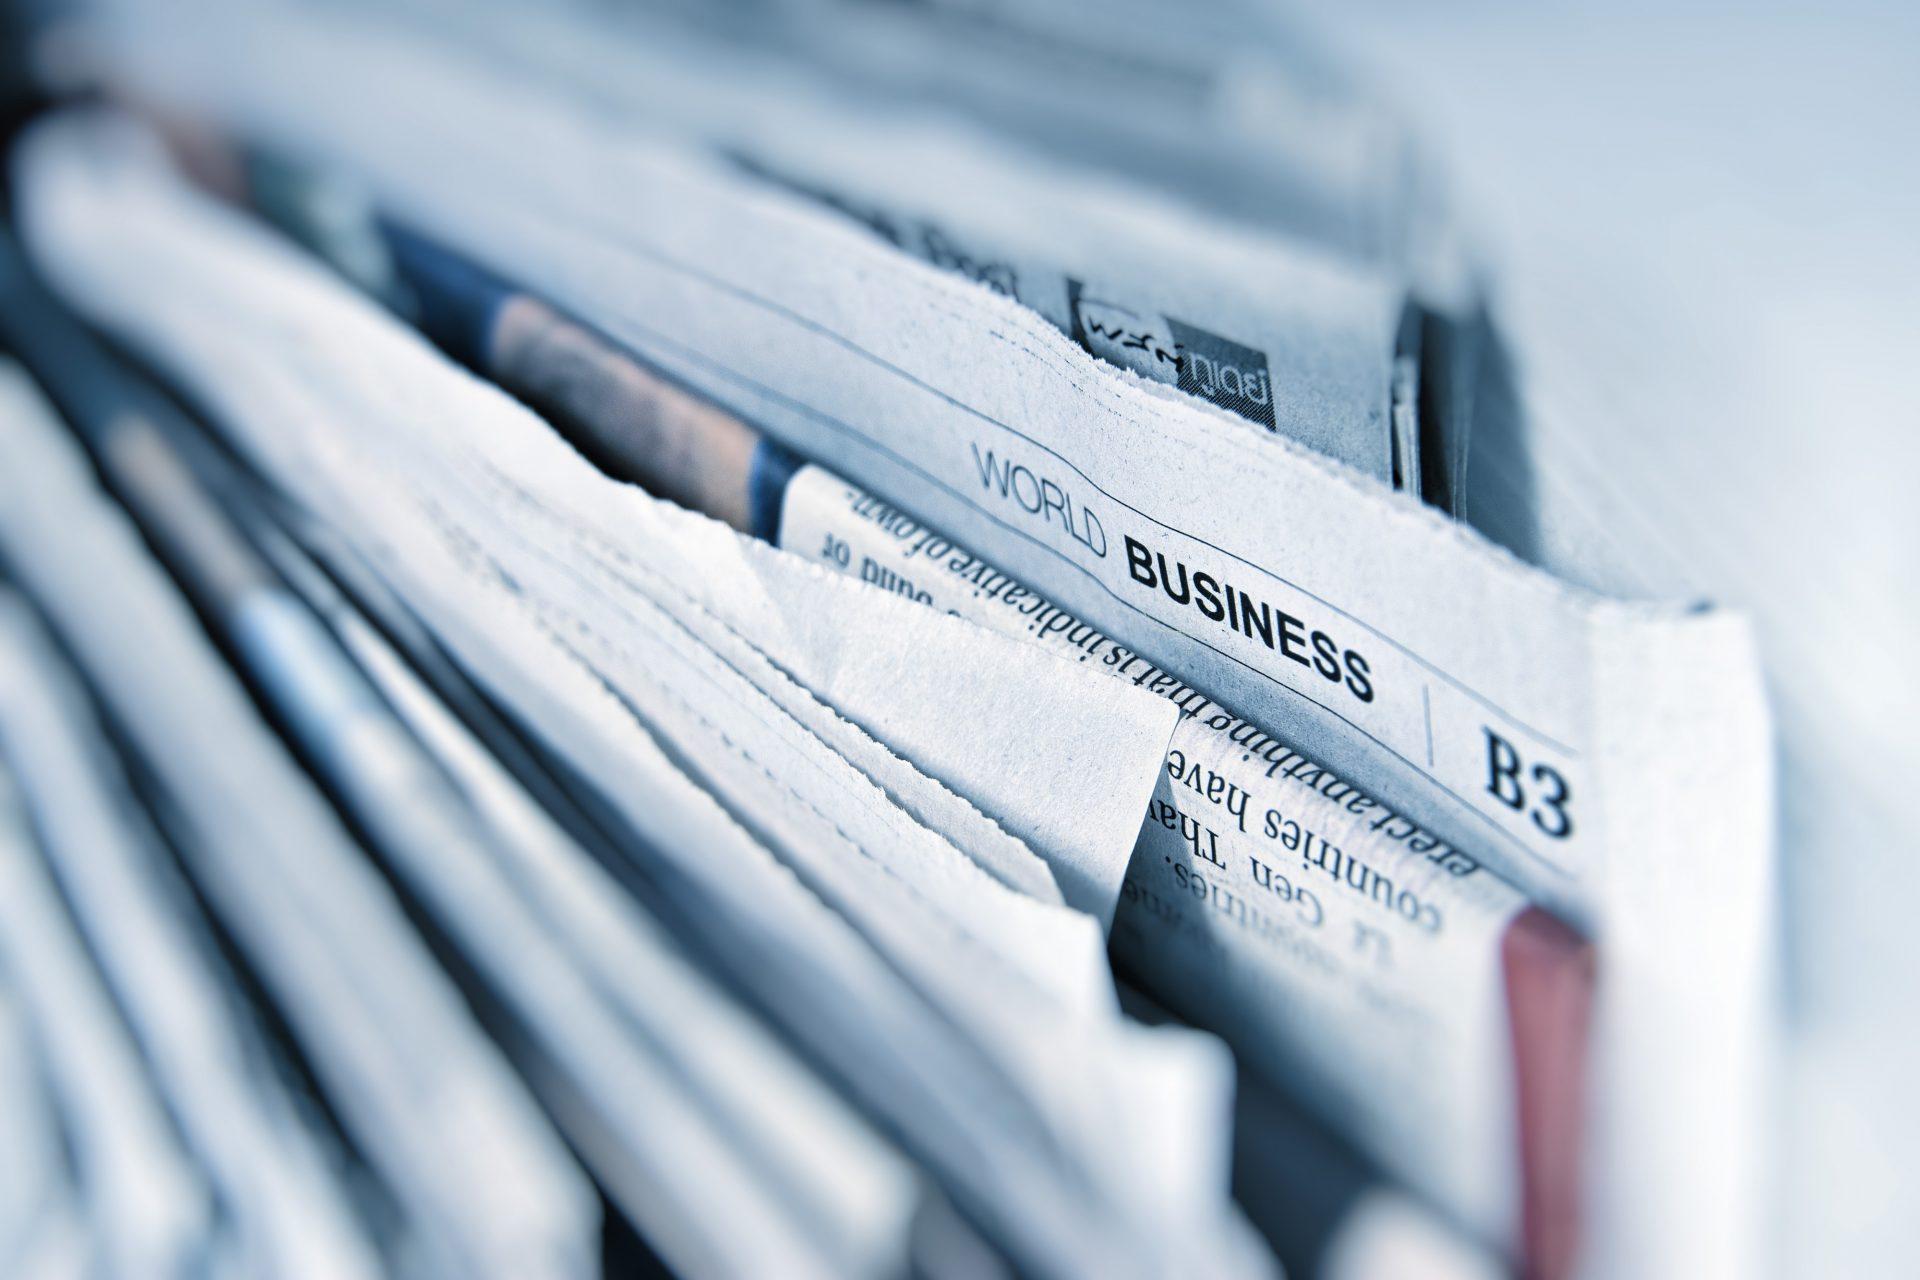 Zeitungen, Verlage, Lieferanten